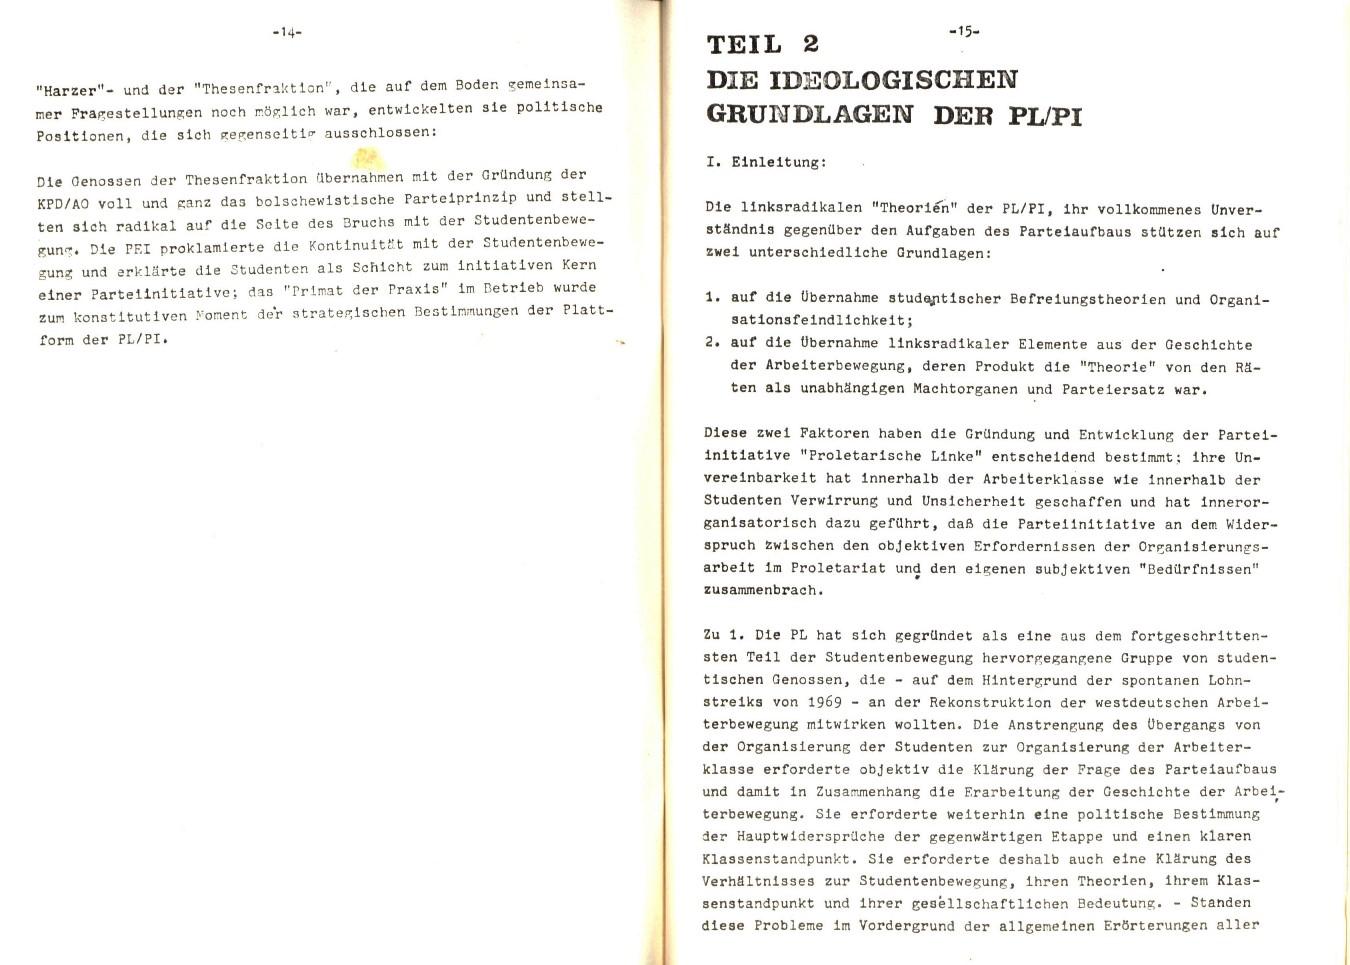 PLPI_1971_Aufloesung_10